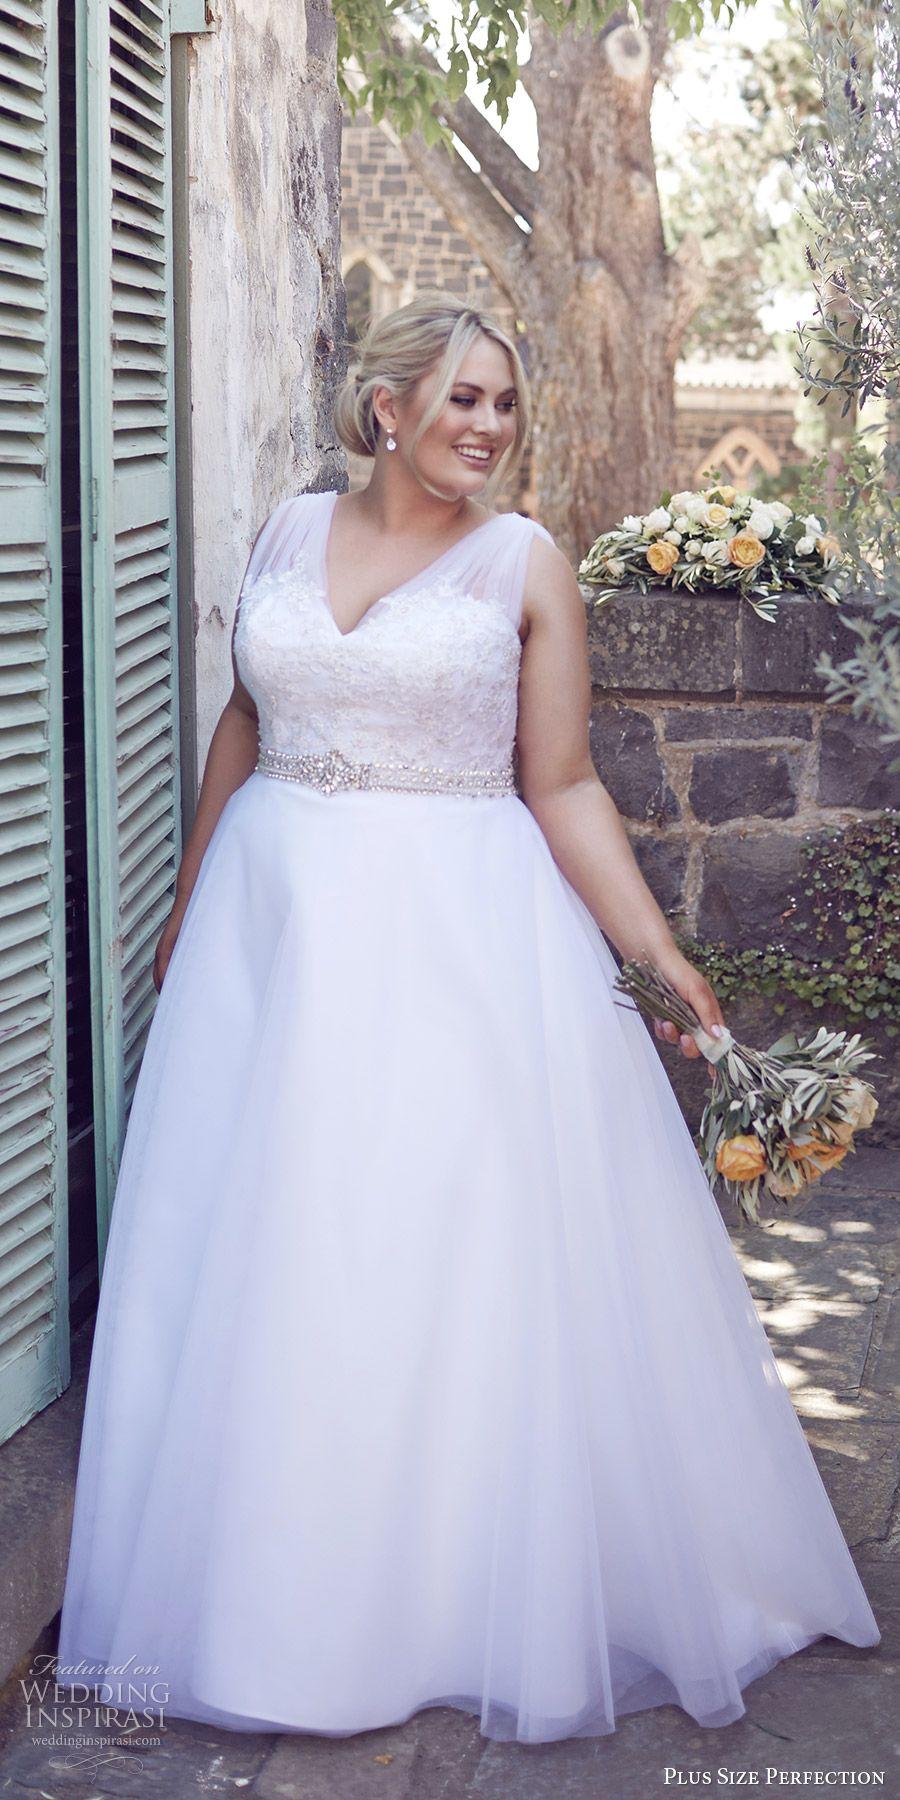 Váy cưới cho cô dâu mũm mĩm dáng chữ A